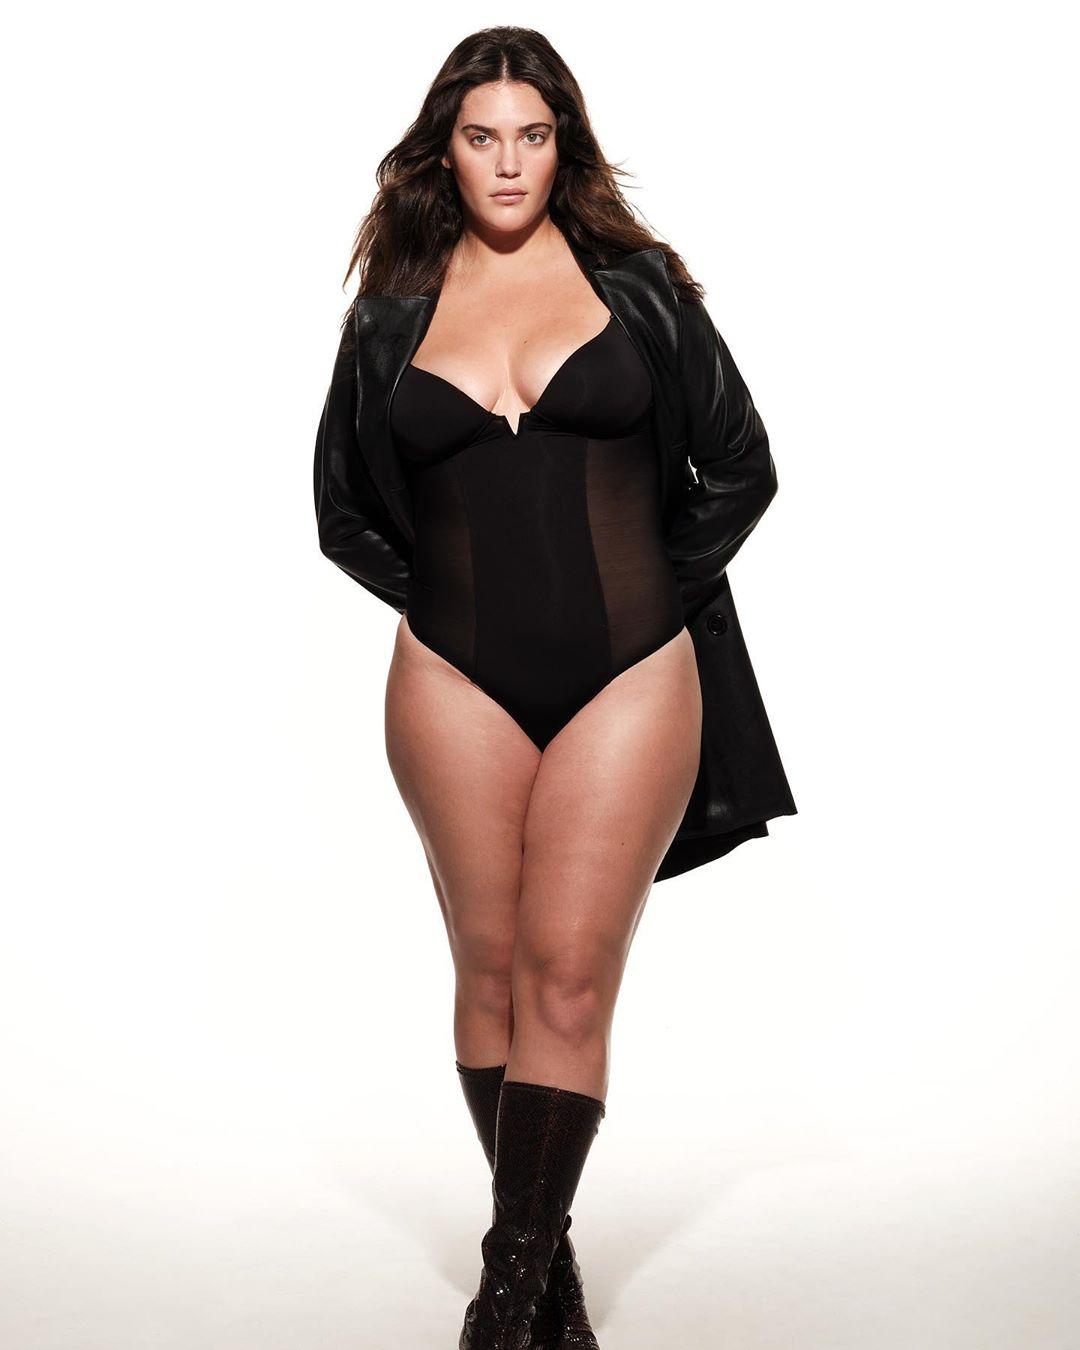 Victoria's Secret moda şovunun yönetmeni Ed Razek, daha önceki açıklamalarında, 'geleneksel moda şovunda asla trans veya büyük beden mankenlere yer verilmeyeceğini' söylemişti.